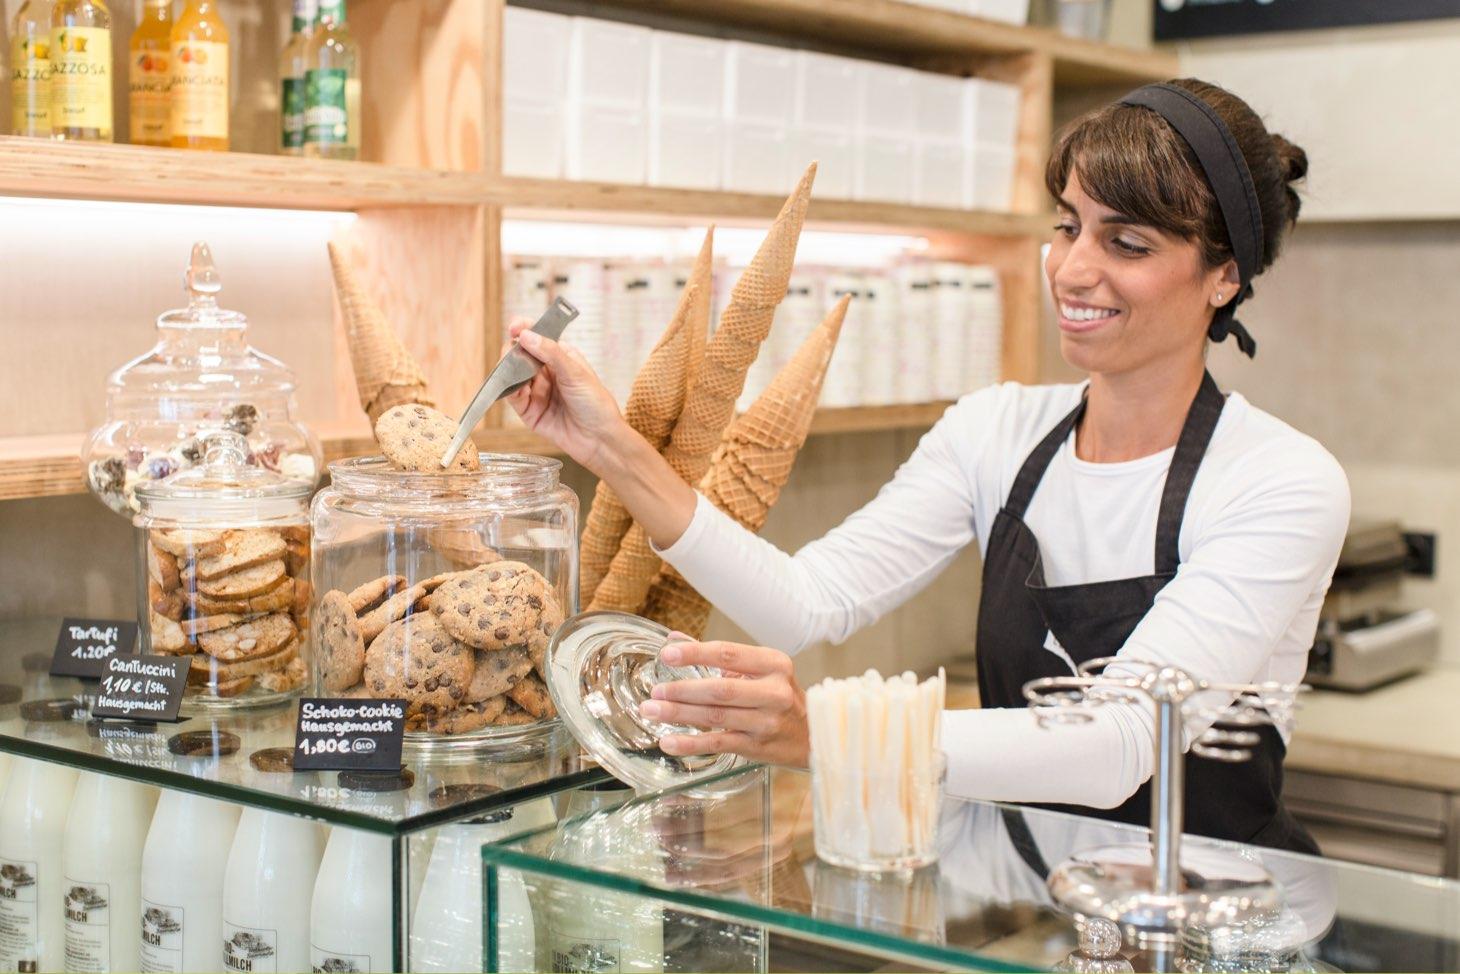 Eisverkäuferin nimmt Cookie aus der Dose im Leones Shop